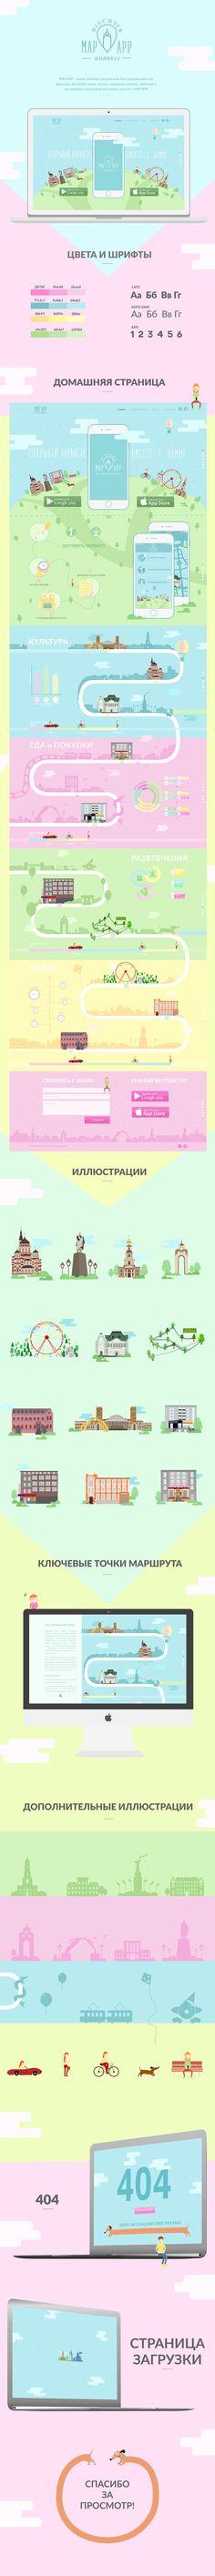 Landing for mobile app - map of Kharkiv on Behance